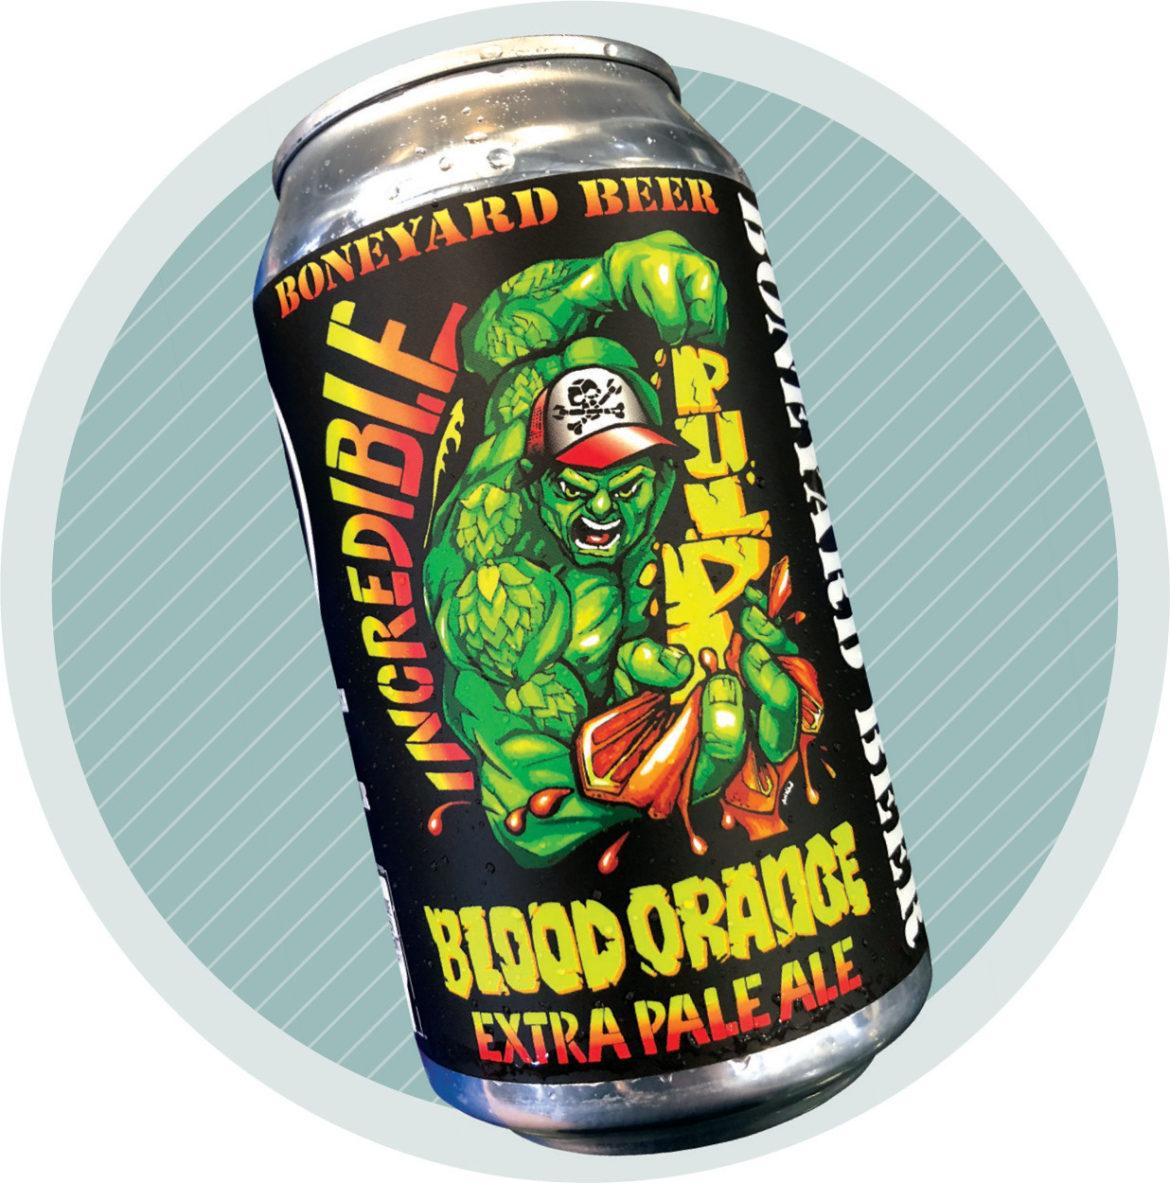 Boneyard's Blood Orange Pale Ale delivered joy during lockdown.